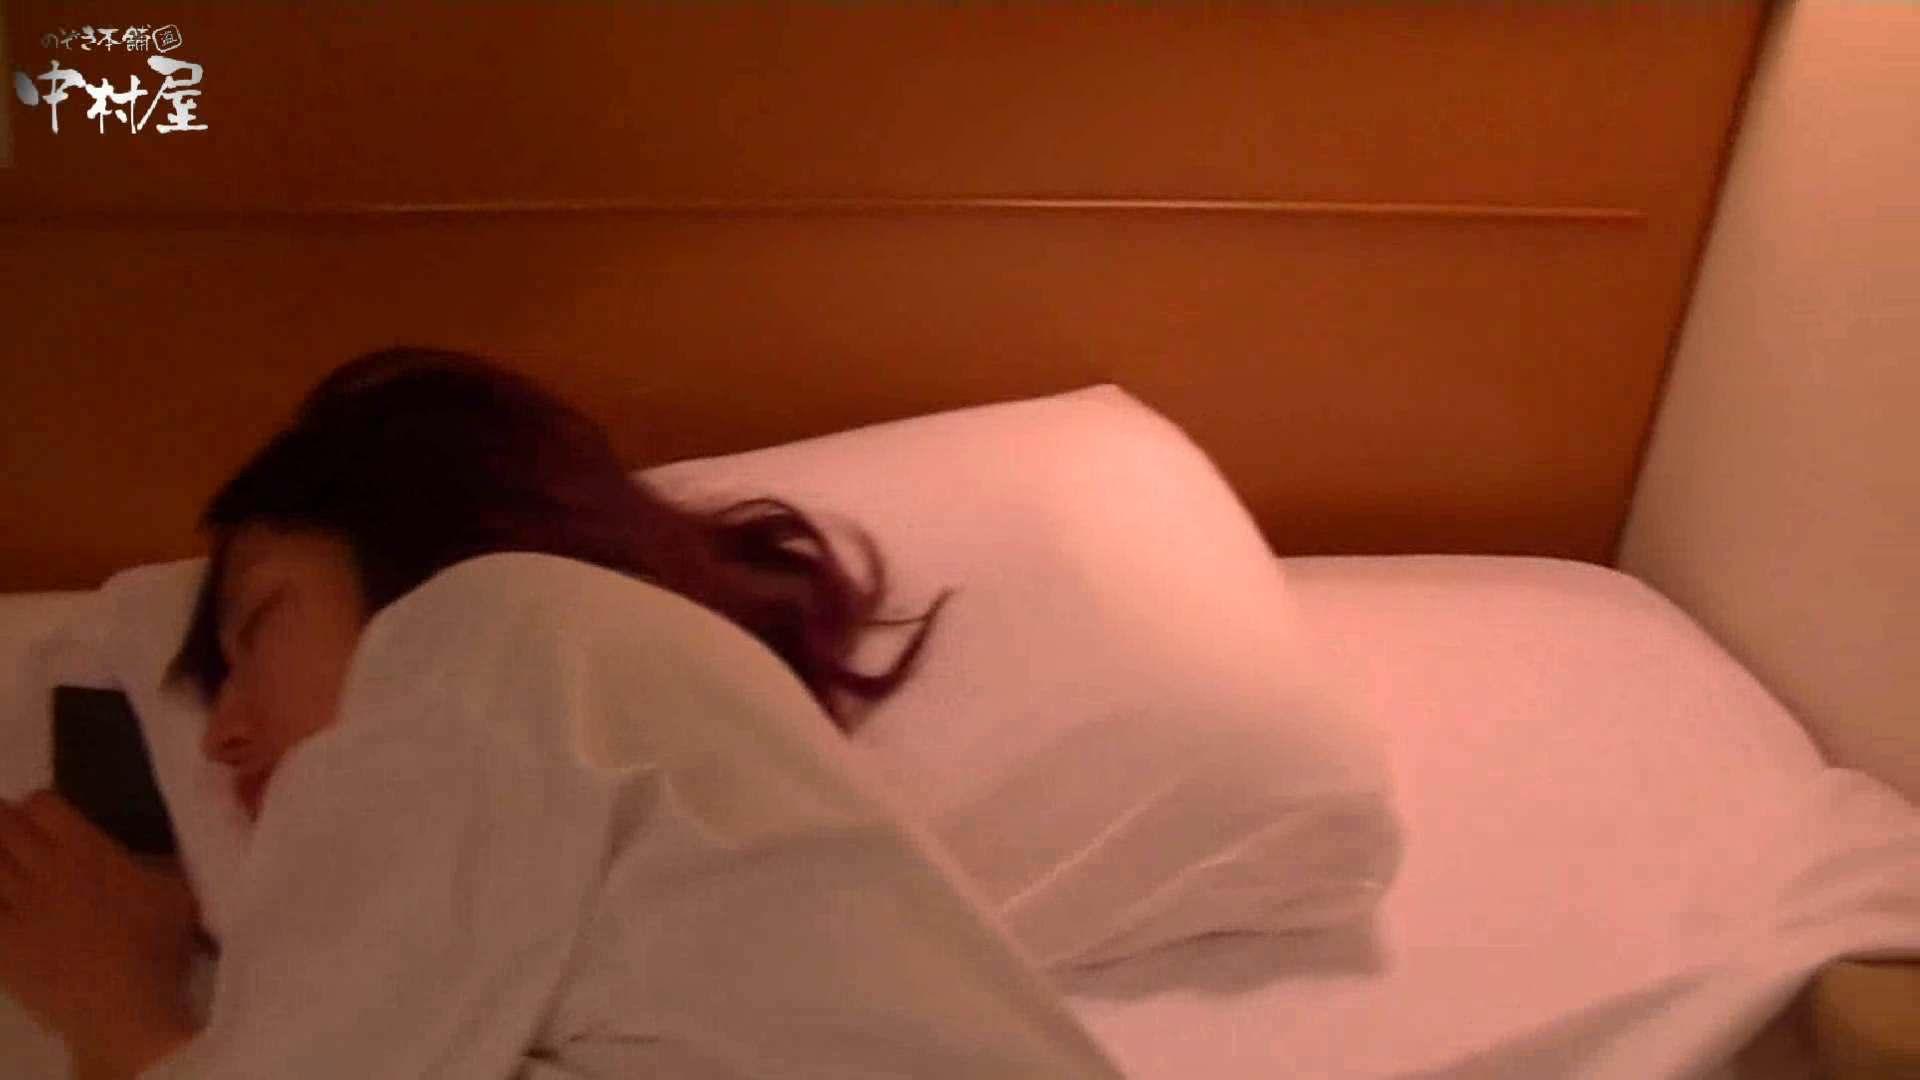 ネムリ姫 vol.43 乳首ポロリ 覗きワレメ動画紹介 80画像 52